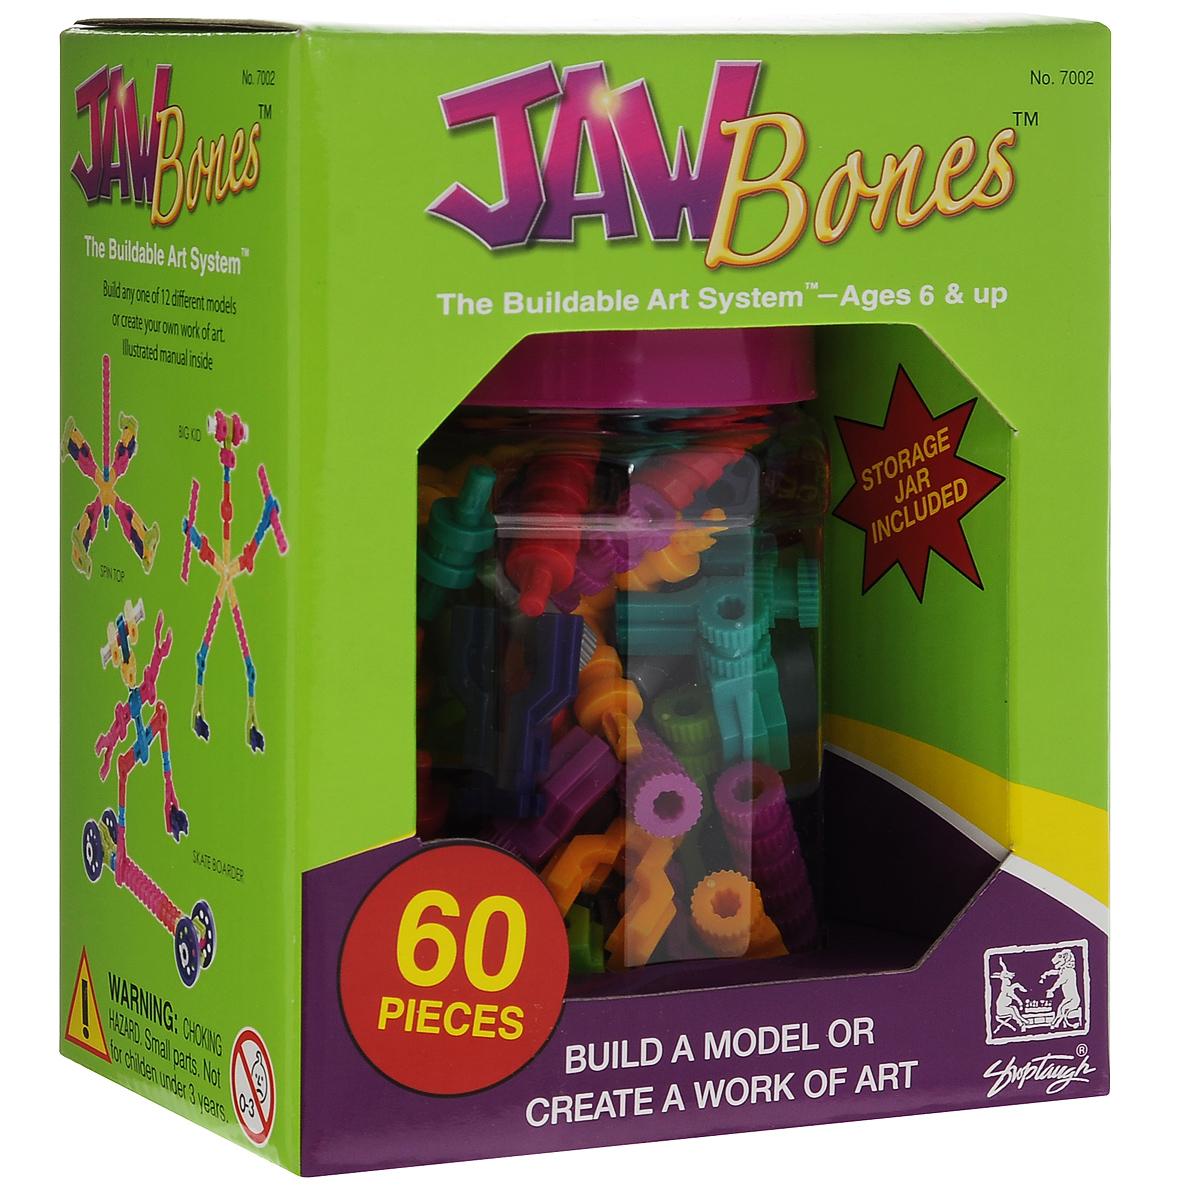 Jawbones Конструктор 7002 игрушка jawbones конструктор 60 деталей в банке для хранения 7002